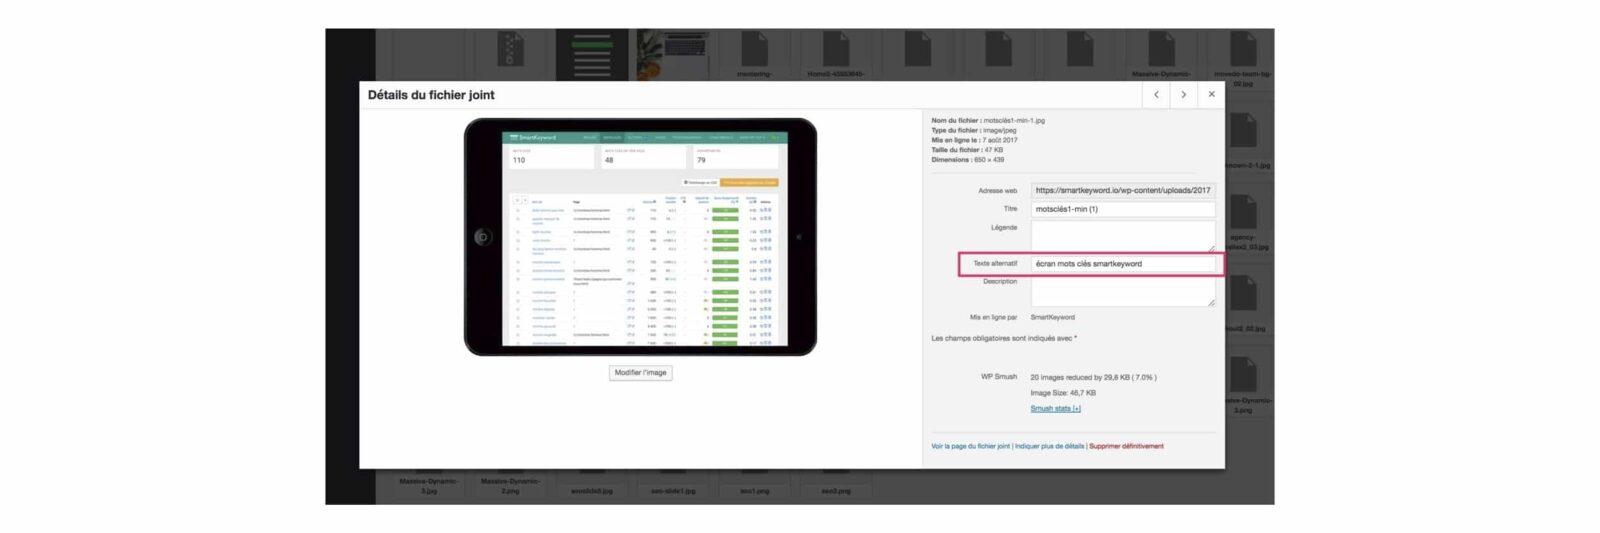 insérer une balise alt pour chaque image pour optimiser le SEO référencement de son site par c com'créa